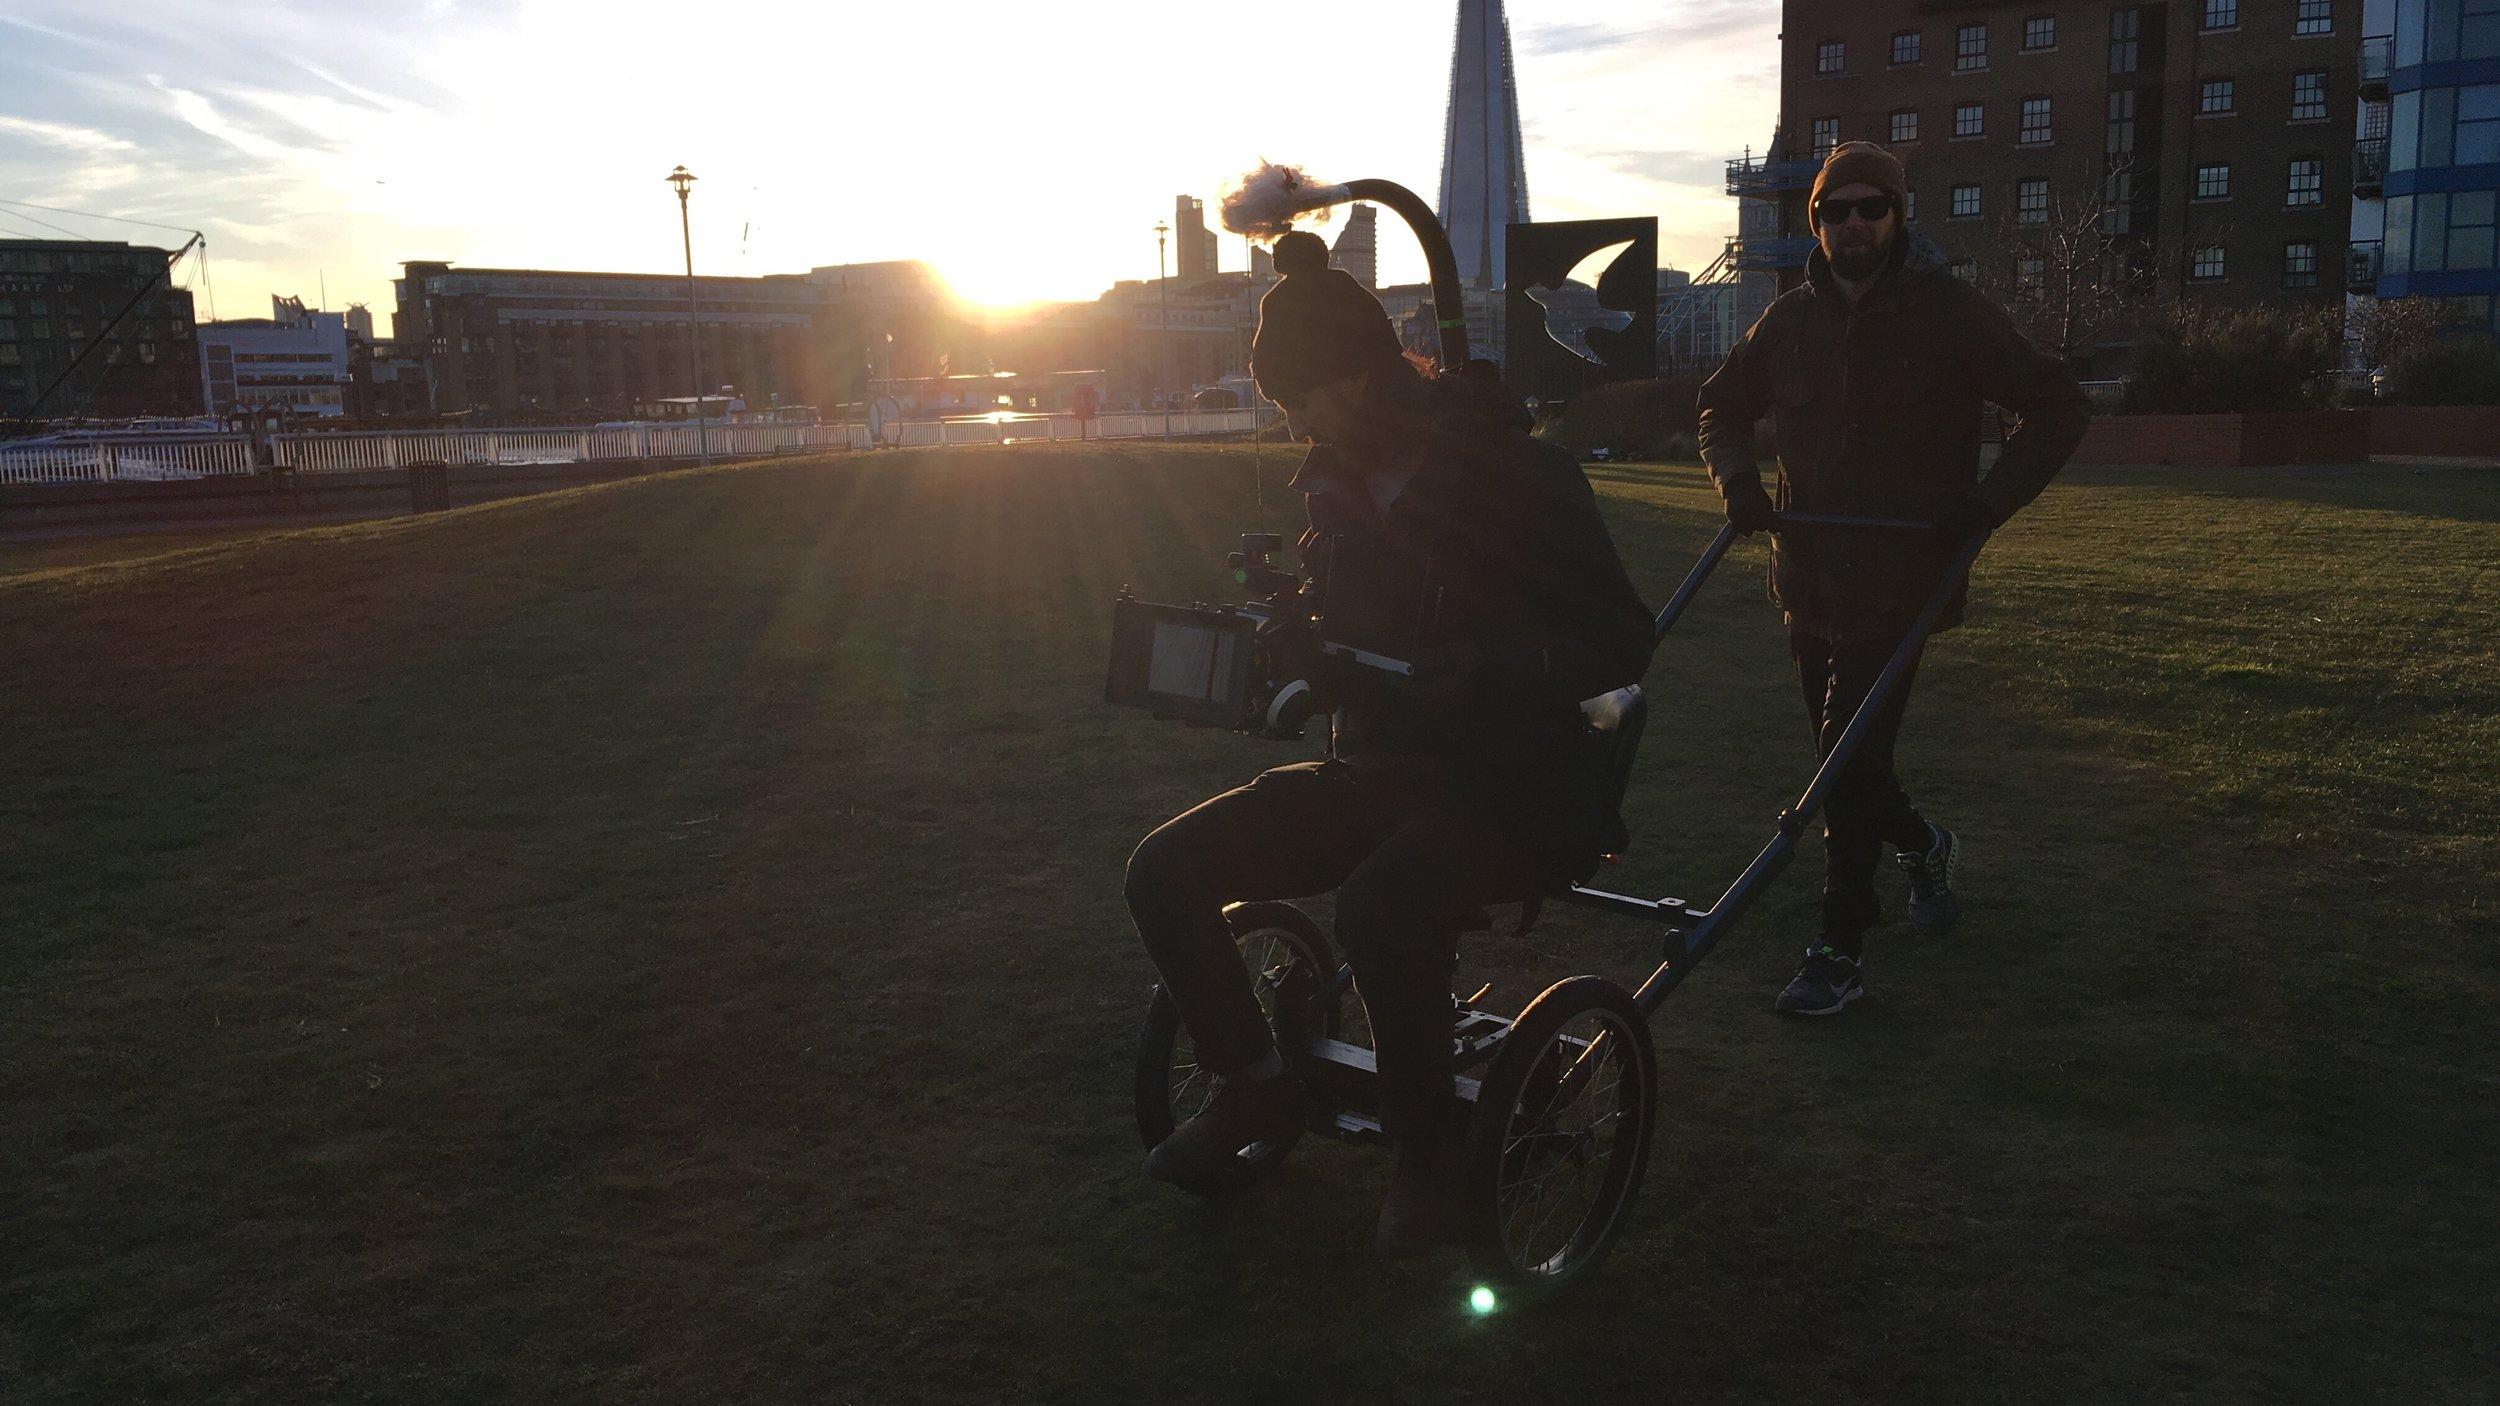 BTS_rickshaw.jpg